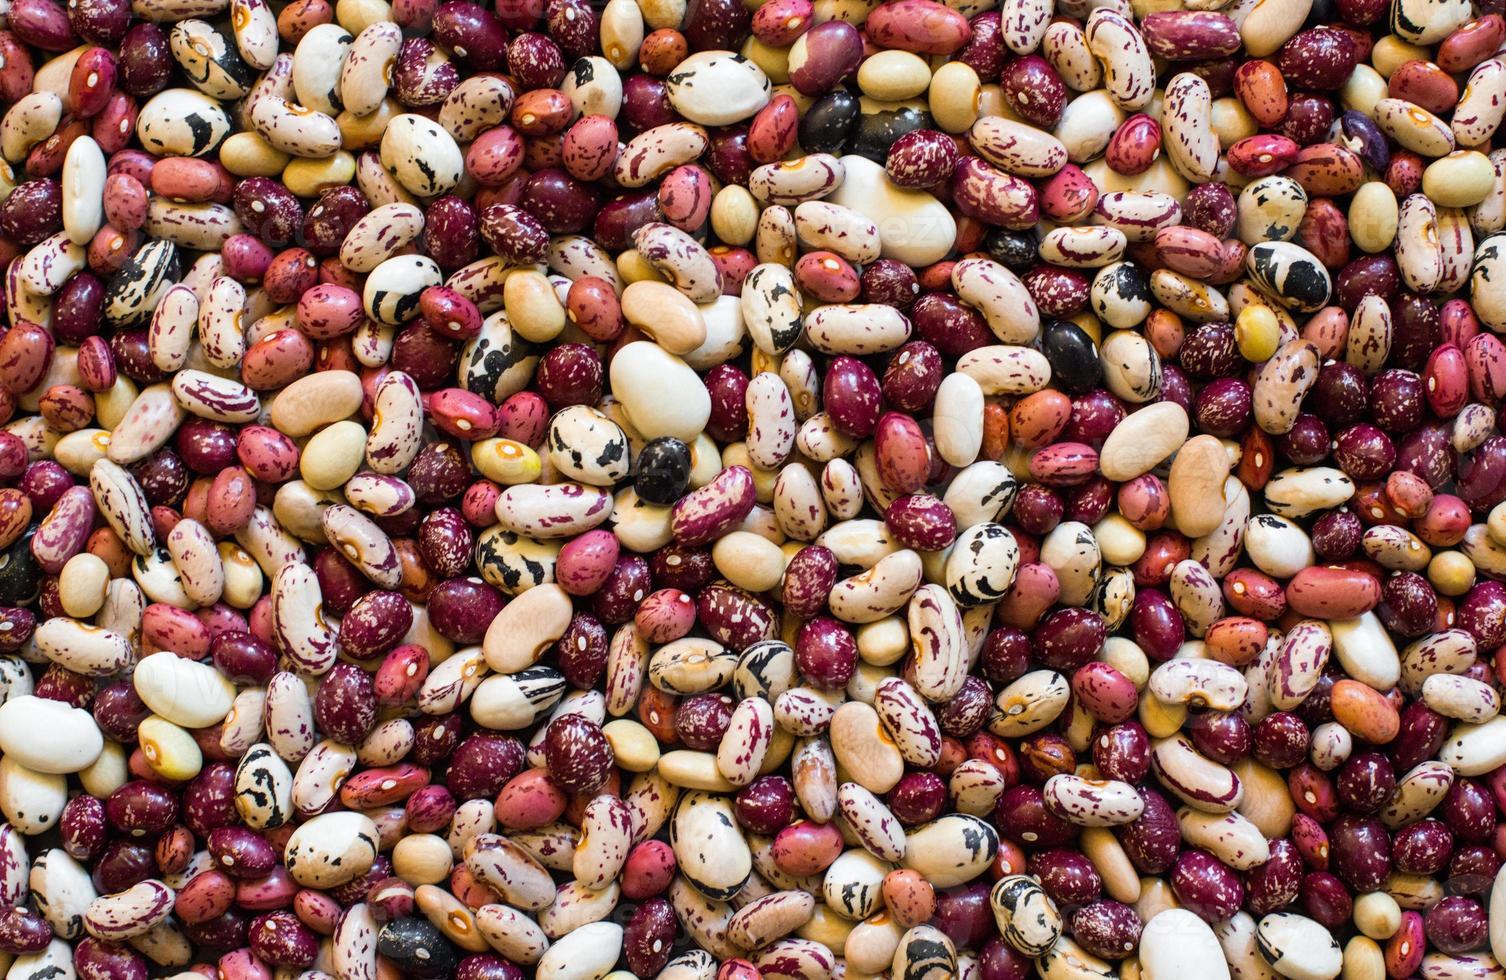 haricots de différentes couleurs et espèces photo